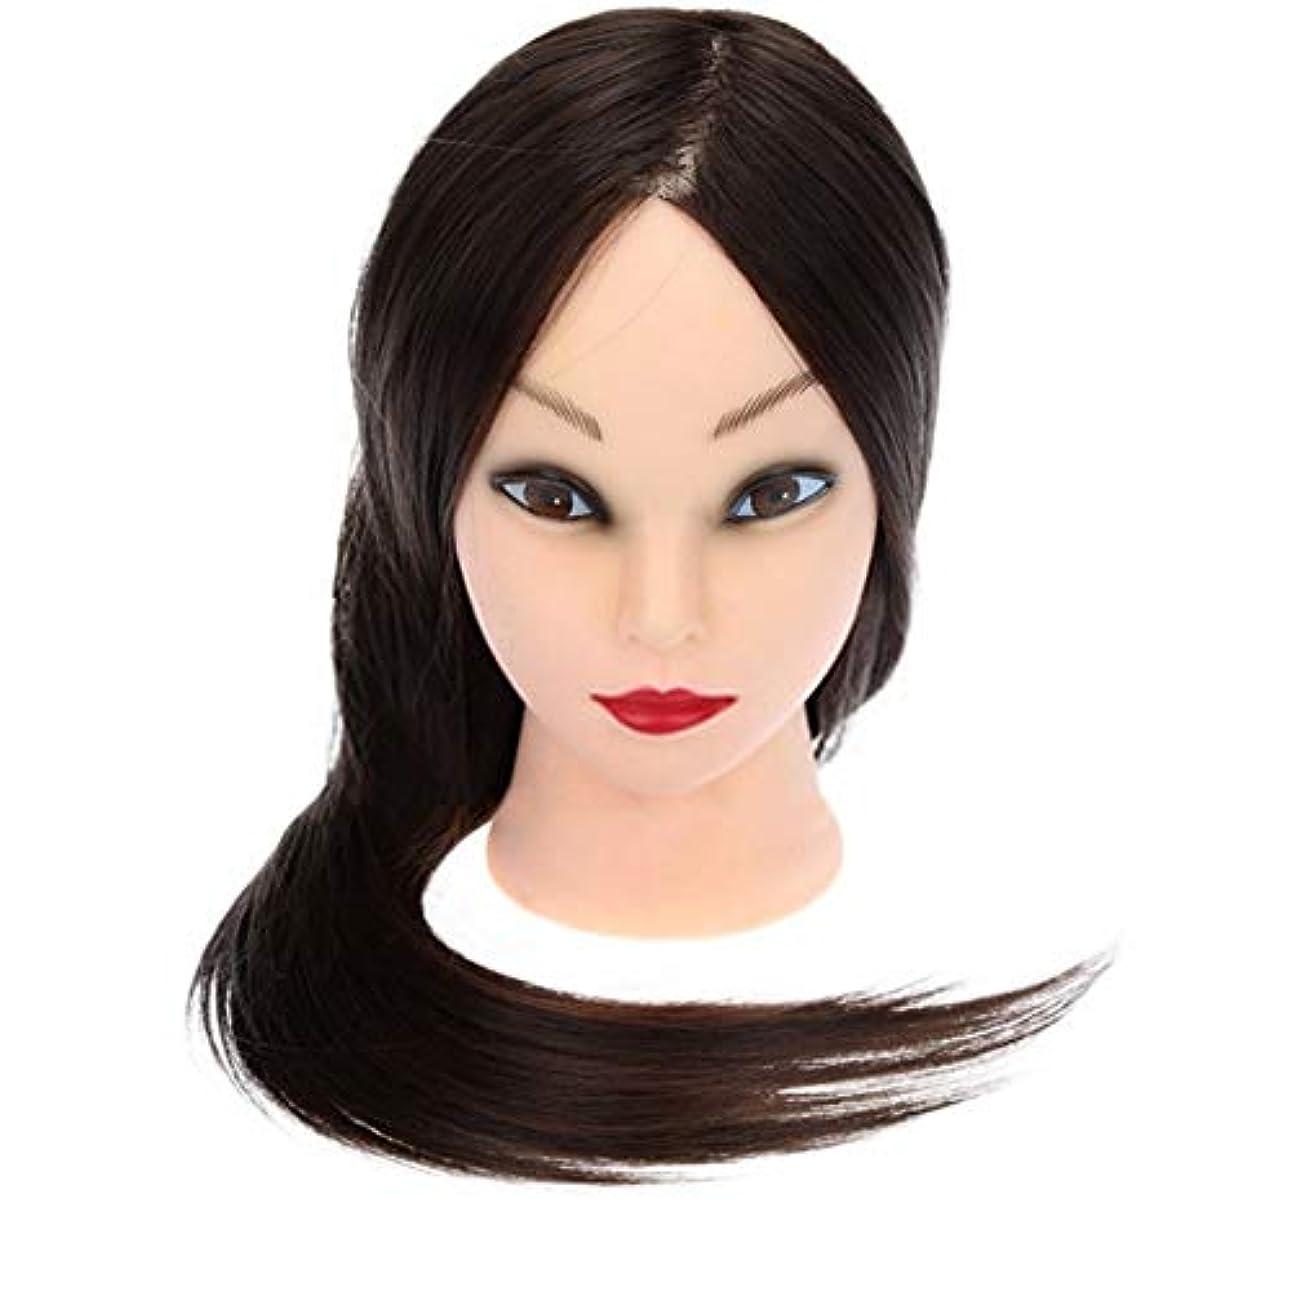 抽象資格情報ストレンジャー練習ディスク髪編組ヘアモデル理髪店スクールティーチングヘッドロングかつら美容マネキンヘッド